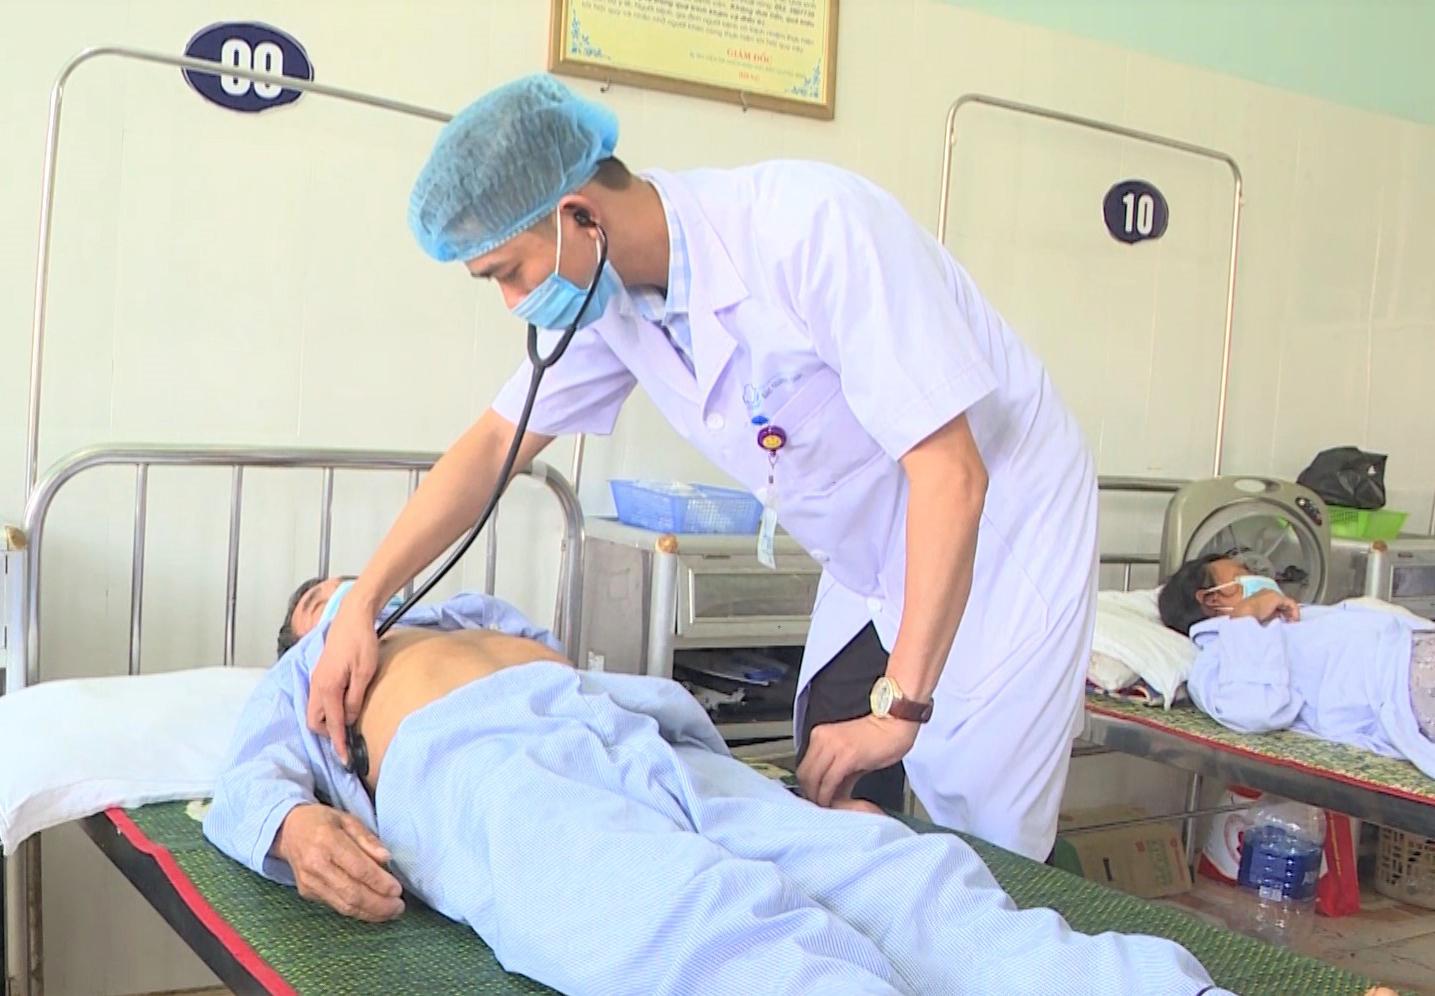 Bảo đảm khám, chữa bệnh an toàn trong mùa dịch